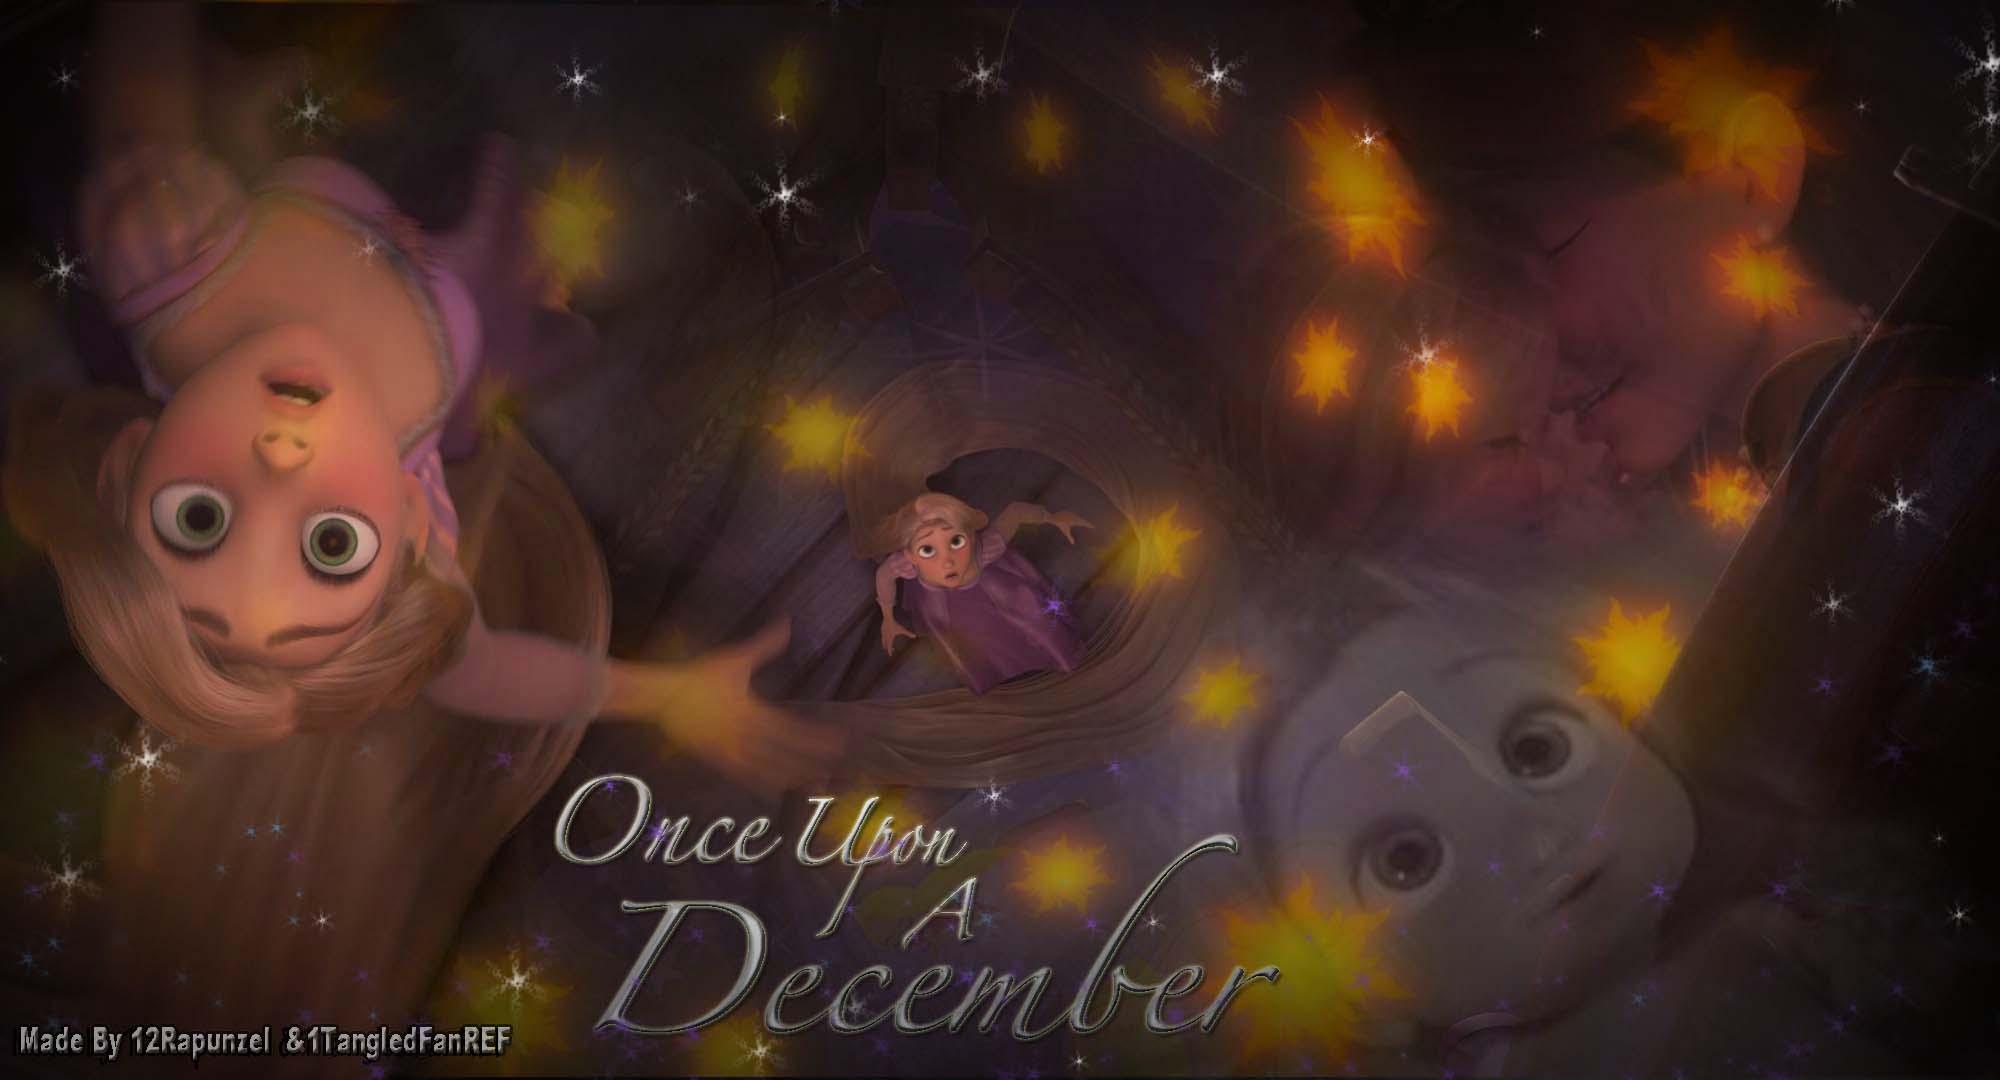 Rapunzel's Once Upon a December